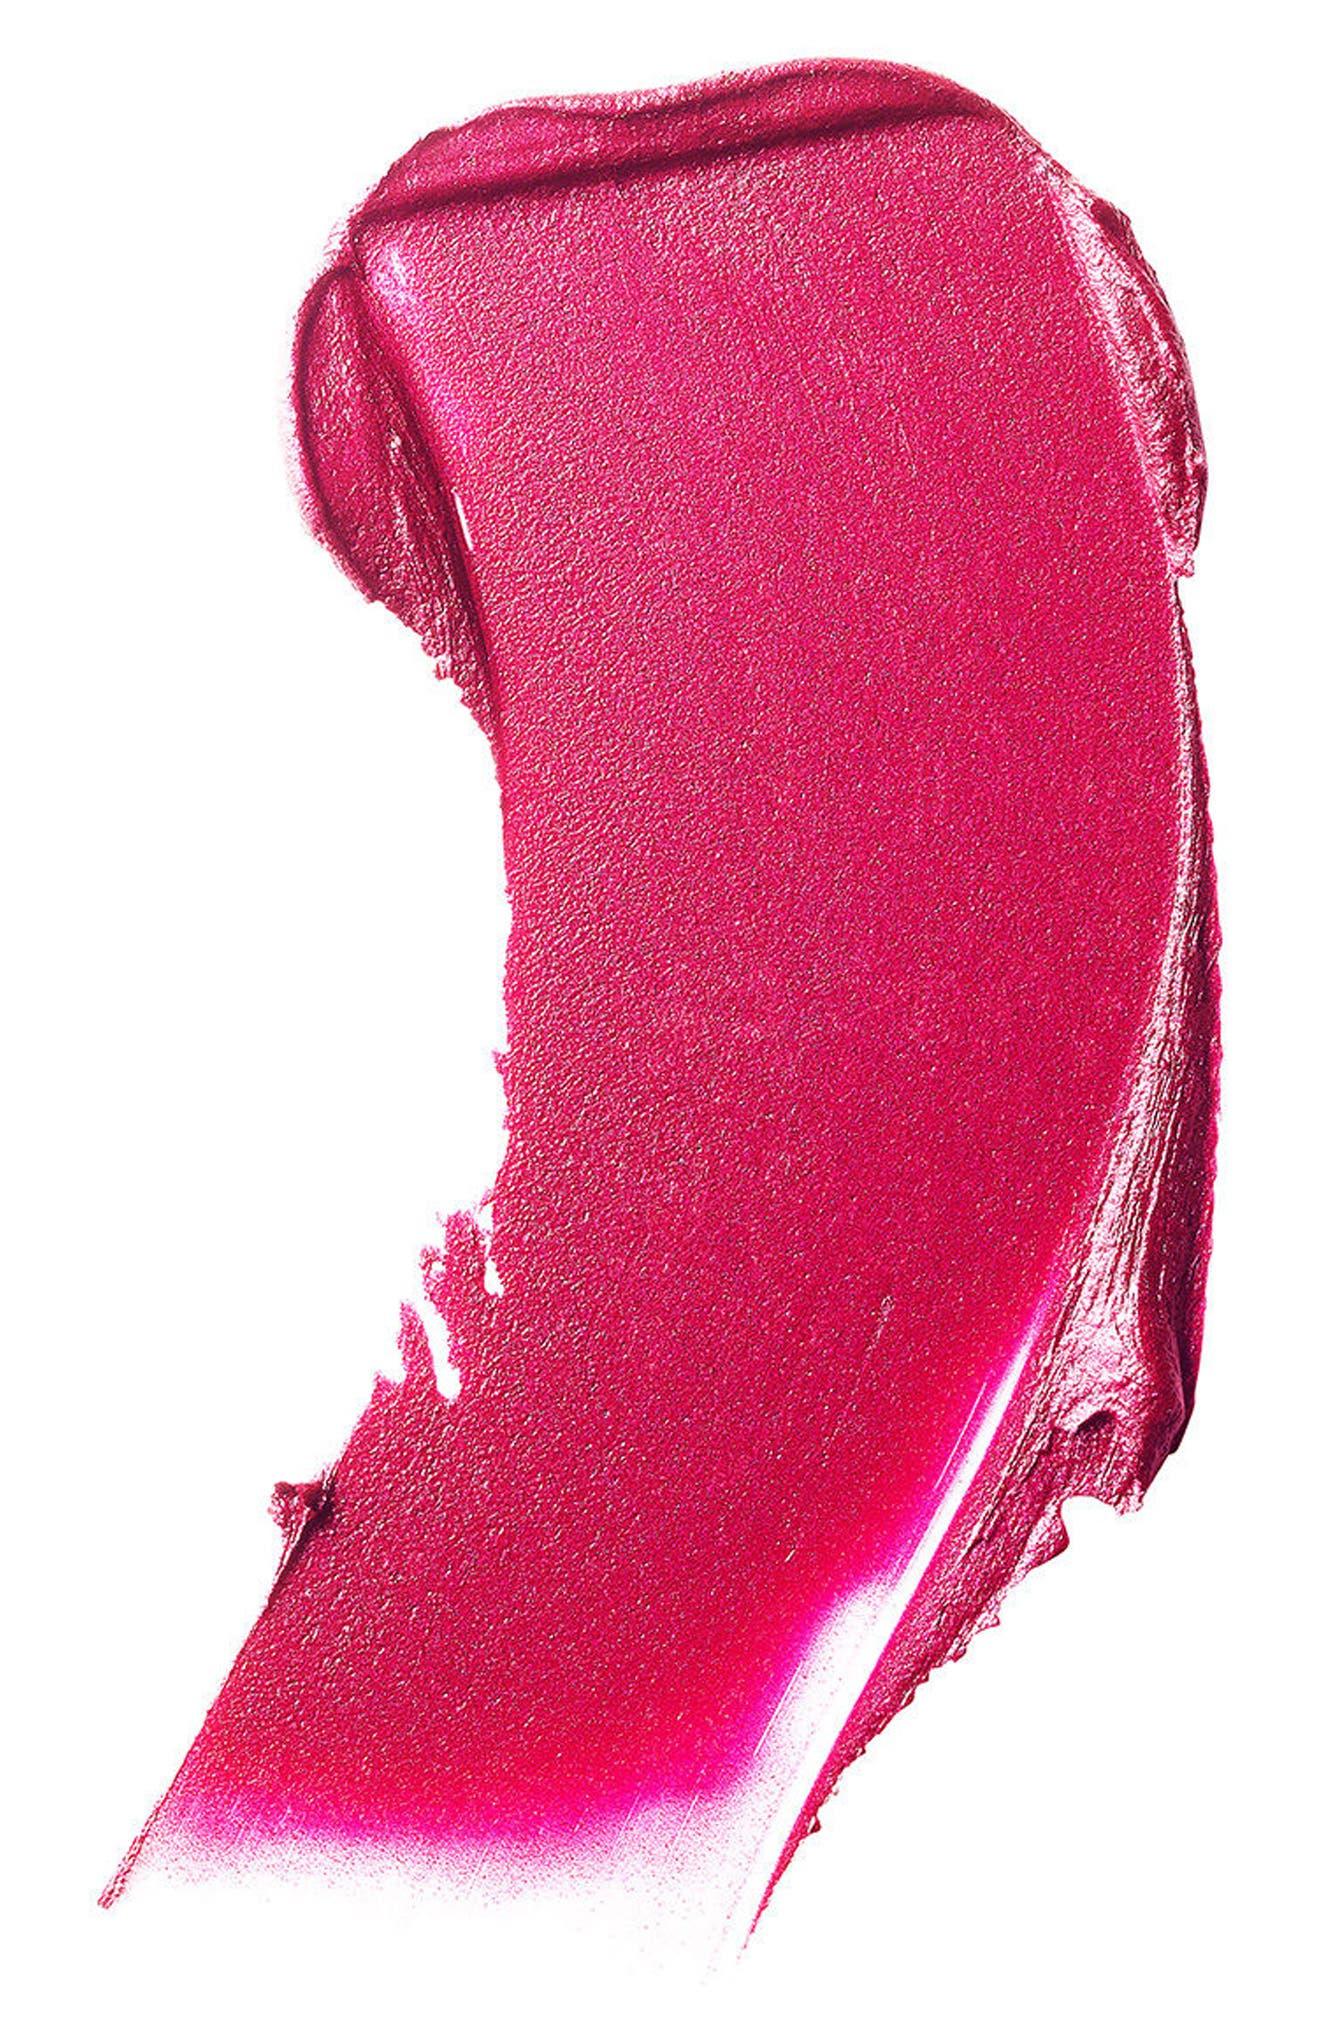 Pure Color Envy Metallic Matte Sculpting Lipstick,                             Alternate thumbnail 2, color,                             230 Crush It